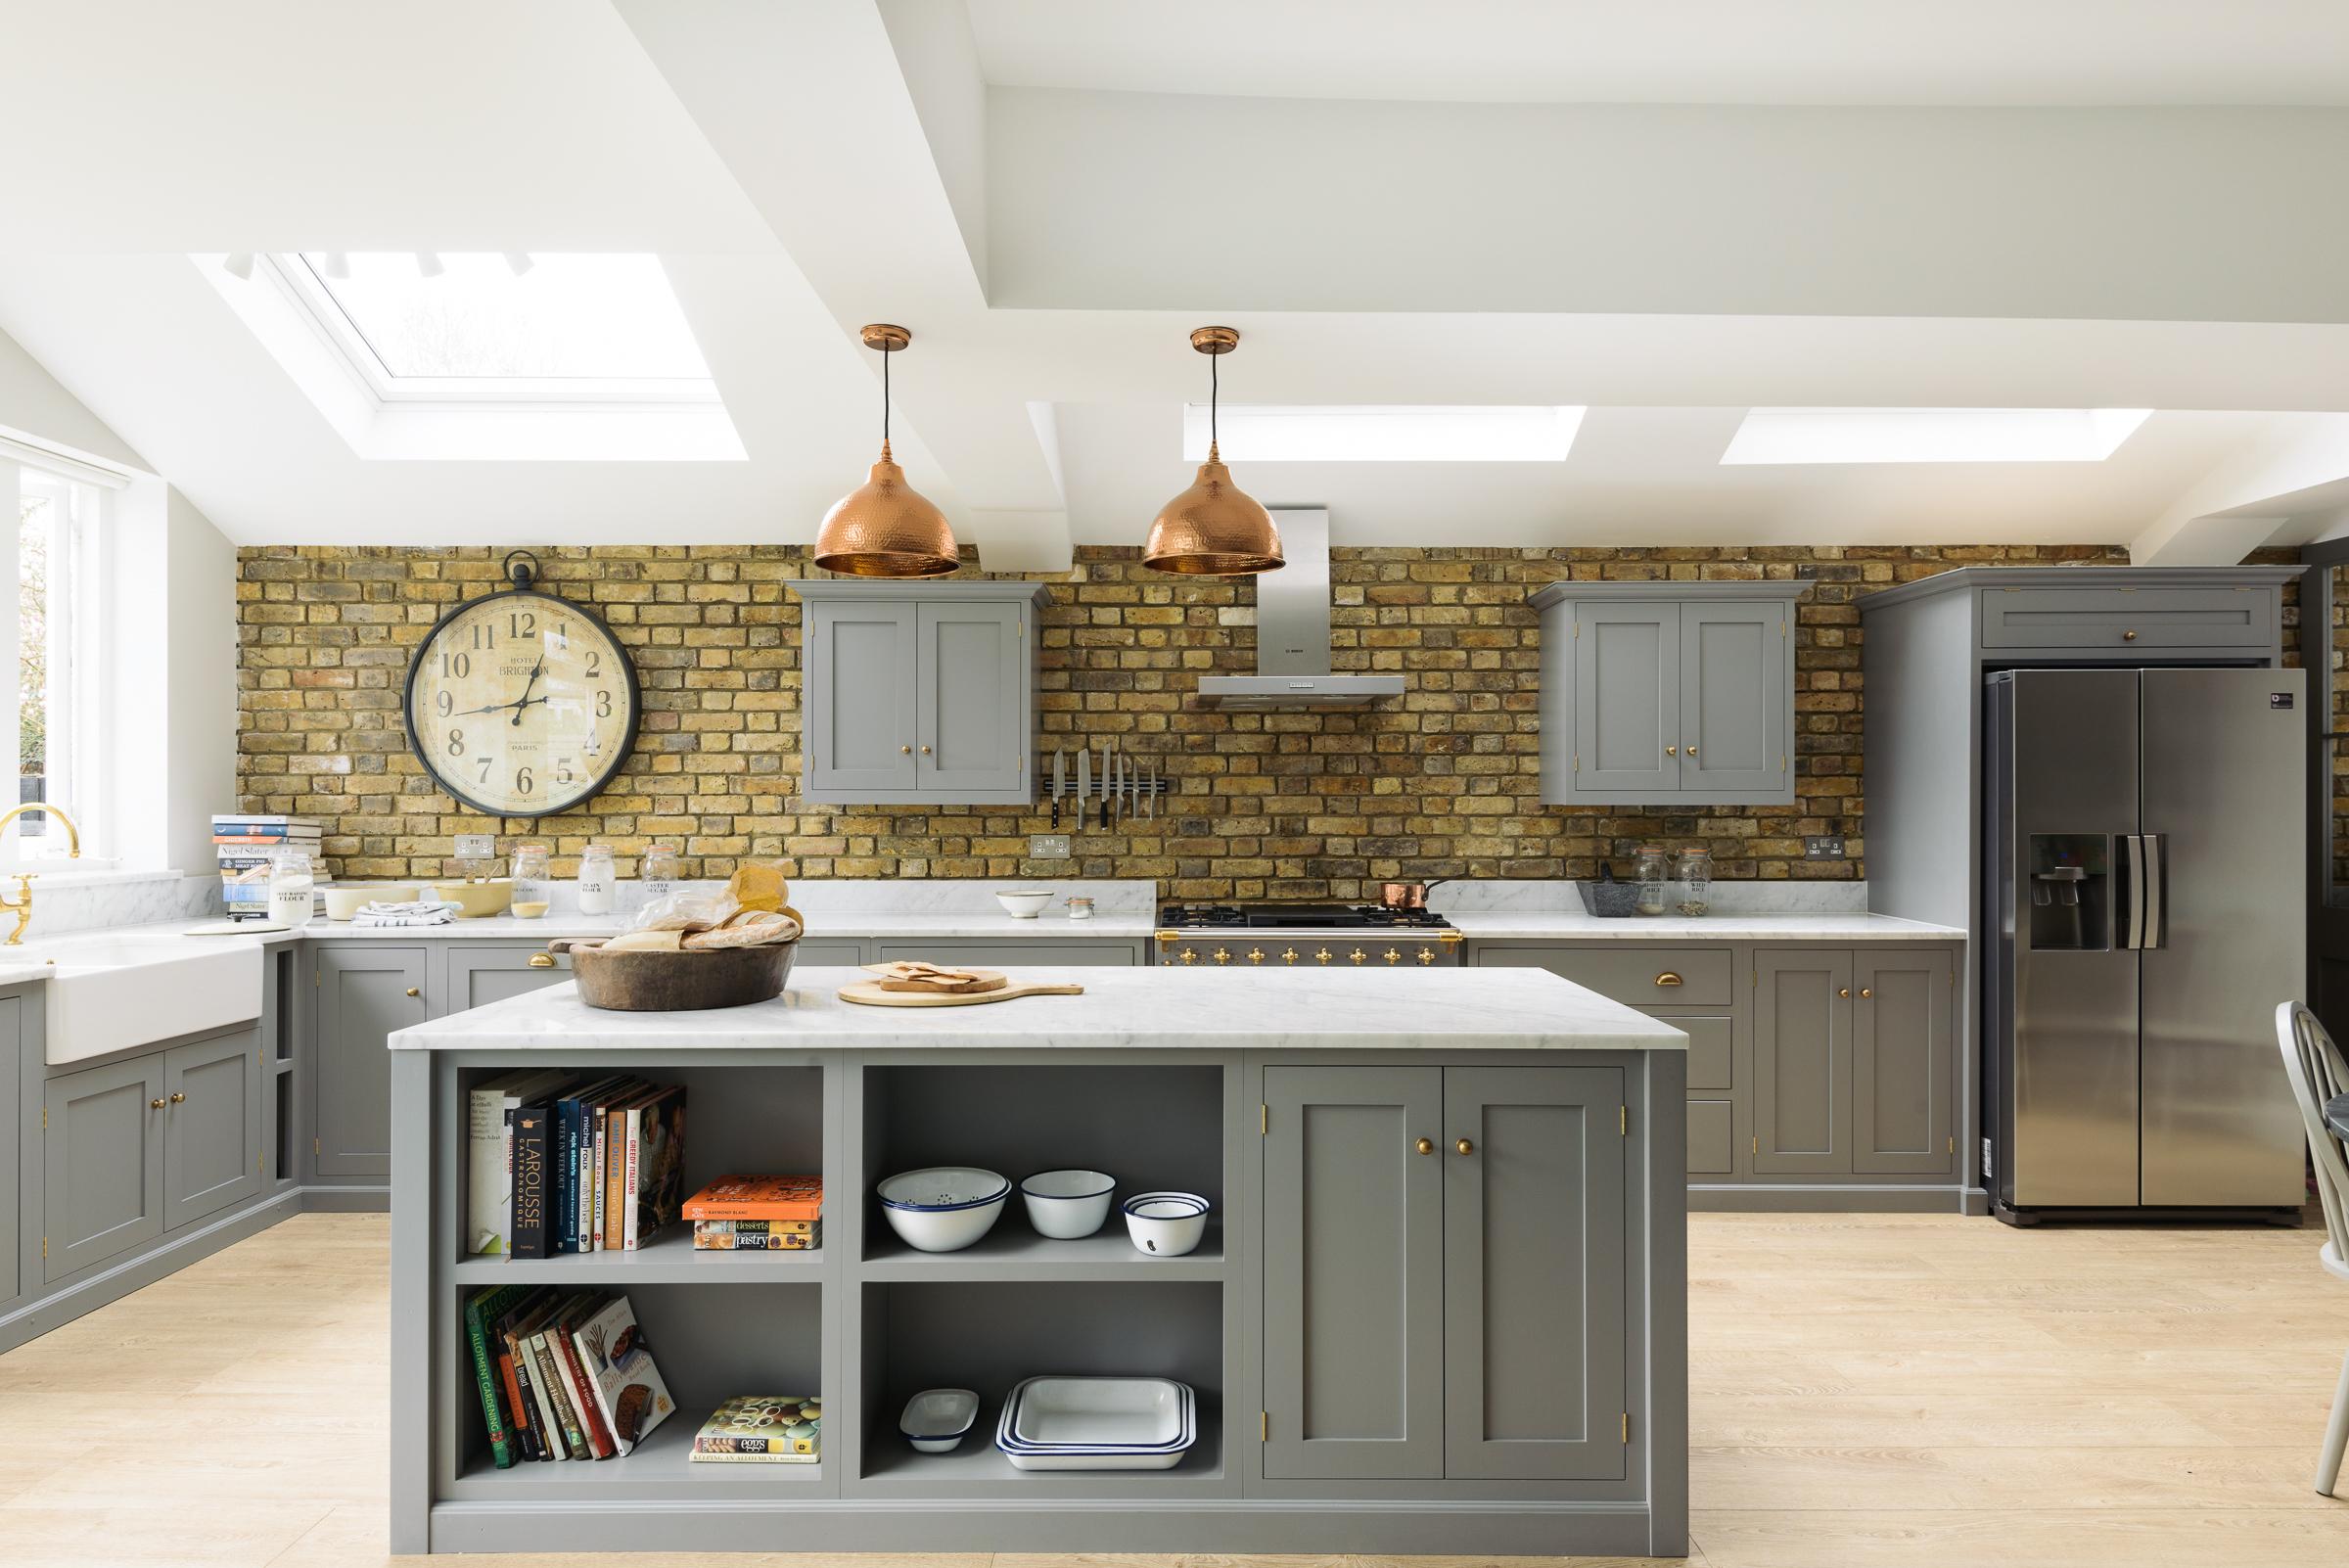 astonishing kitchen island seating | A perfect Kitchen Island - The deVOL Journal - deVOL Kitchens